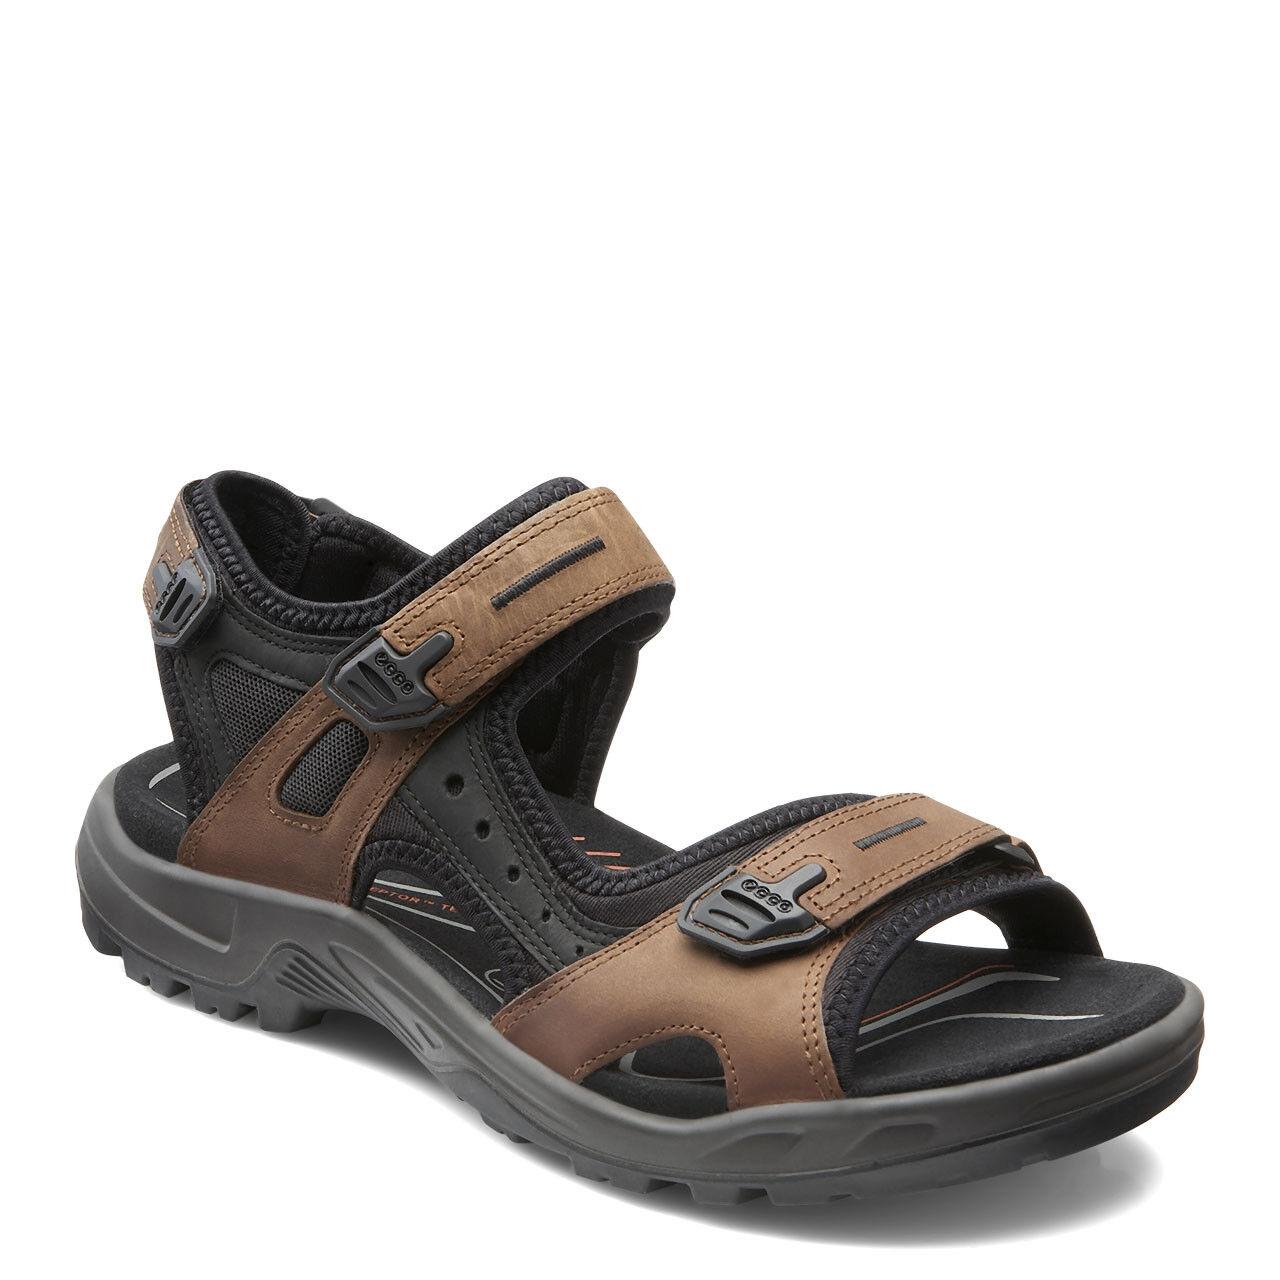 Eco Yucatan Mens Euro Dimensione  47 Bison Marronee Nubuck Trail Sport Sandals US 13  13.5  risparmia il 35% - 70% di sconto